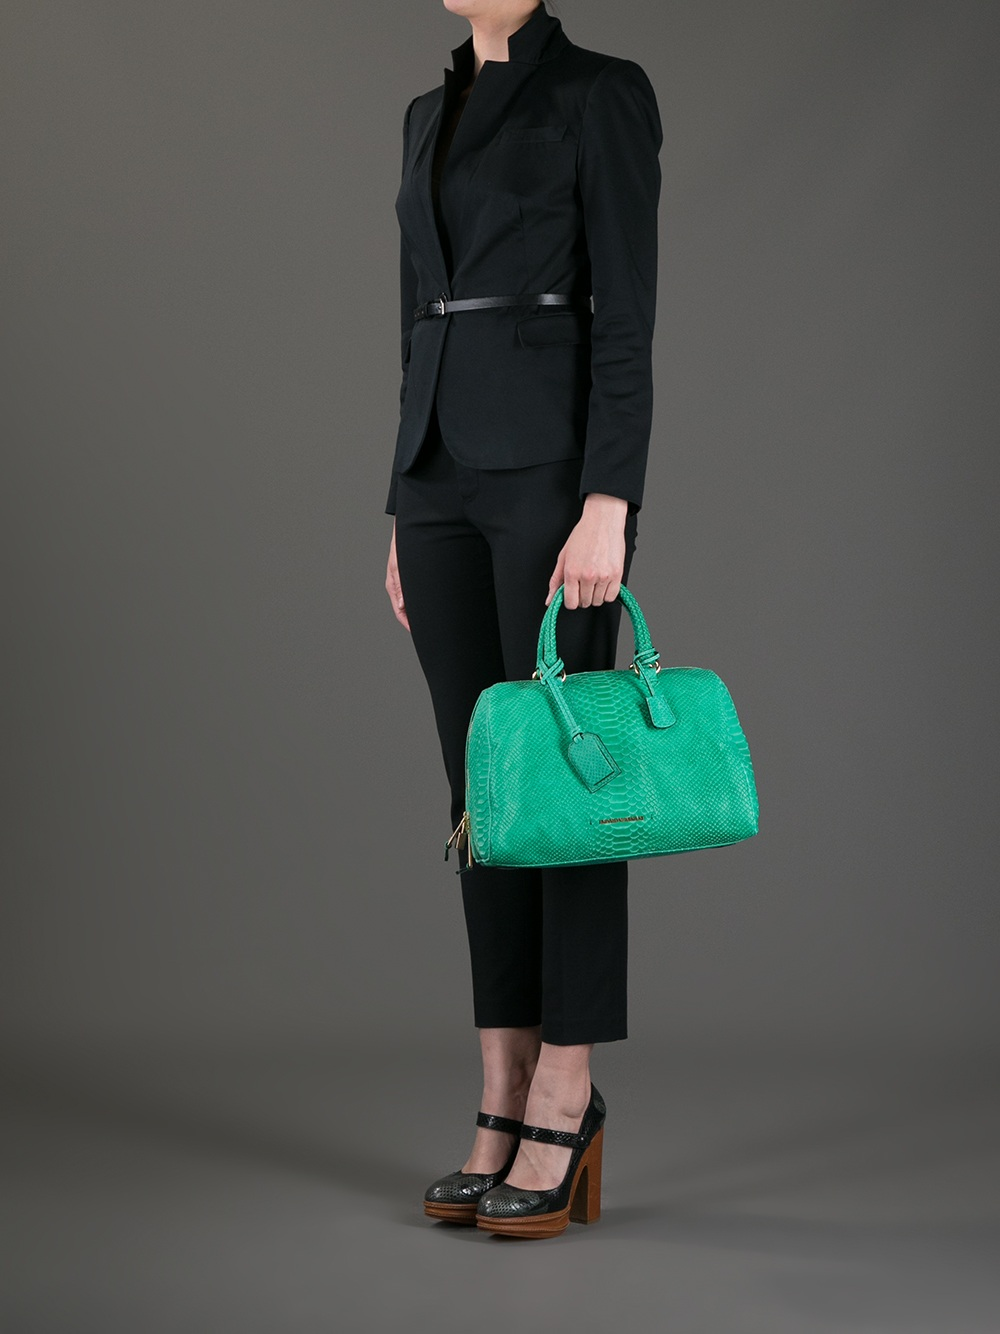 Lyst - Emporio Armani Bowling Bag in Green f84540fff069d